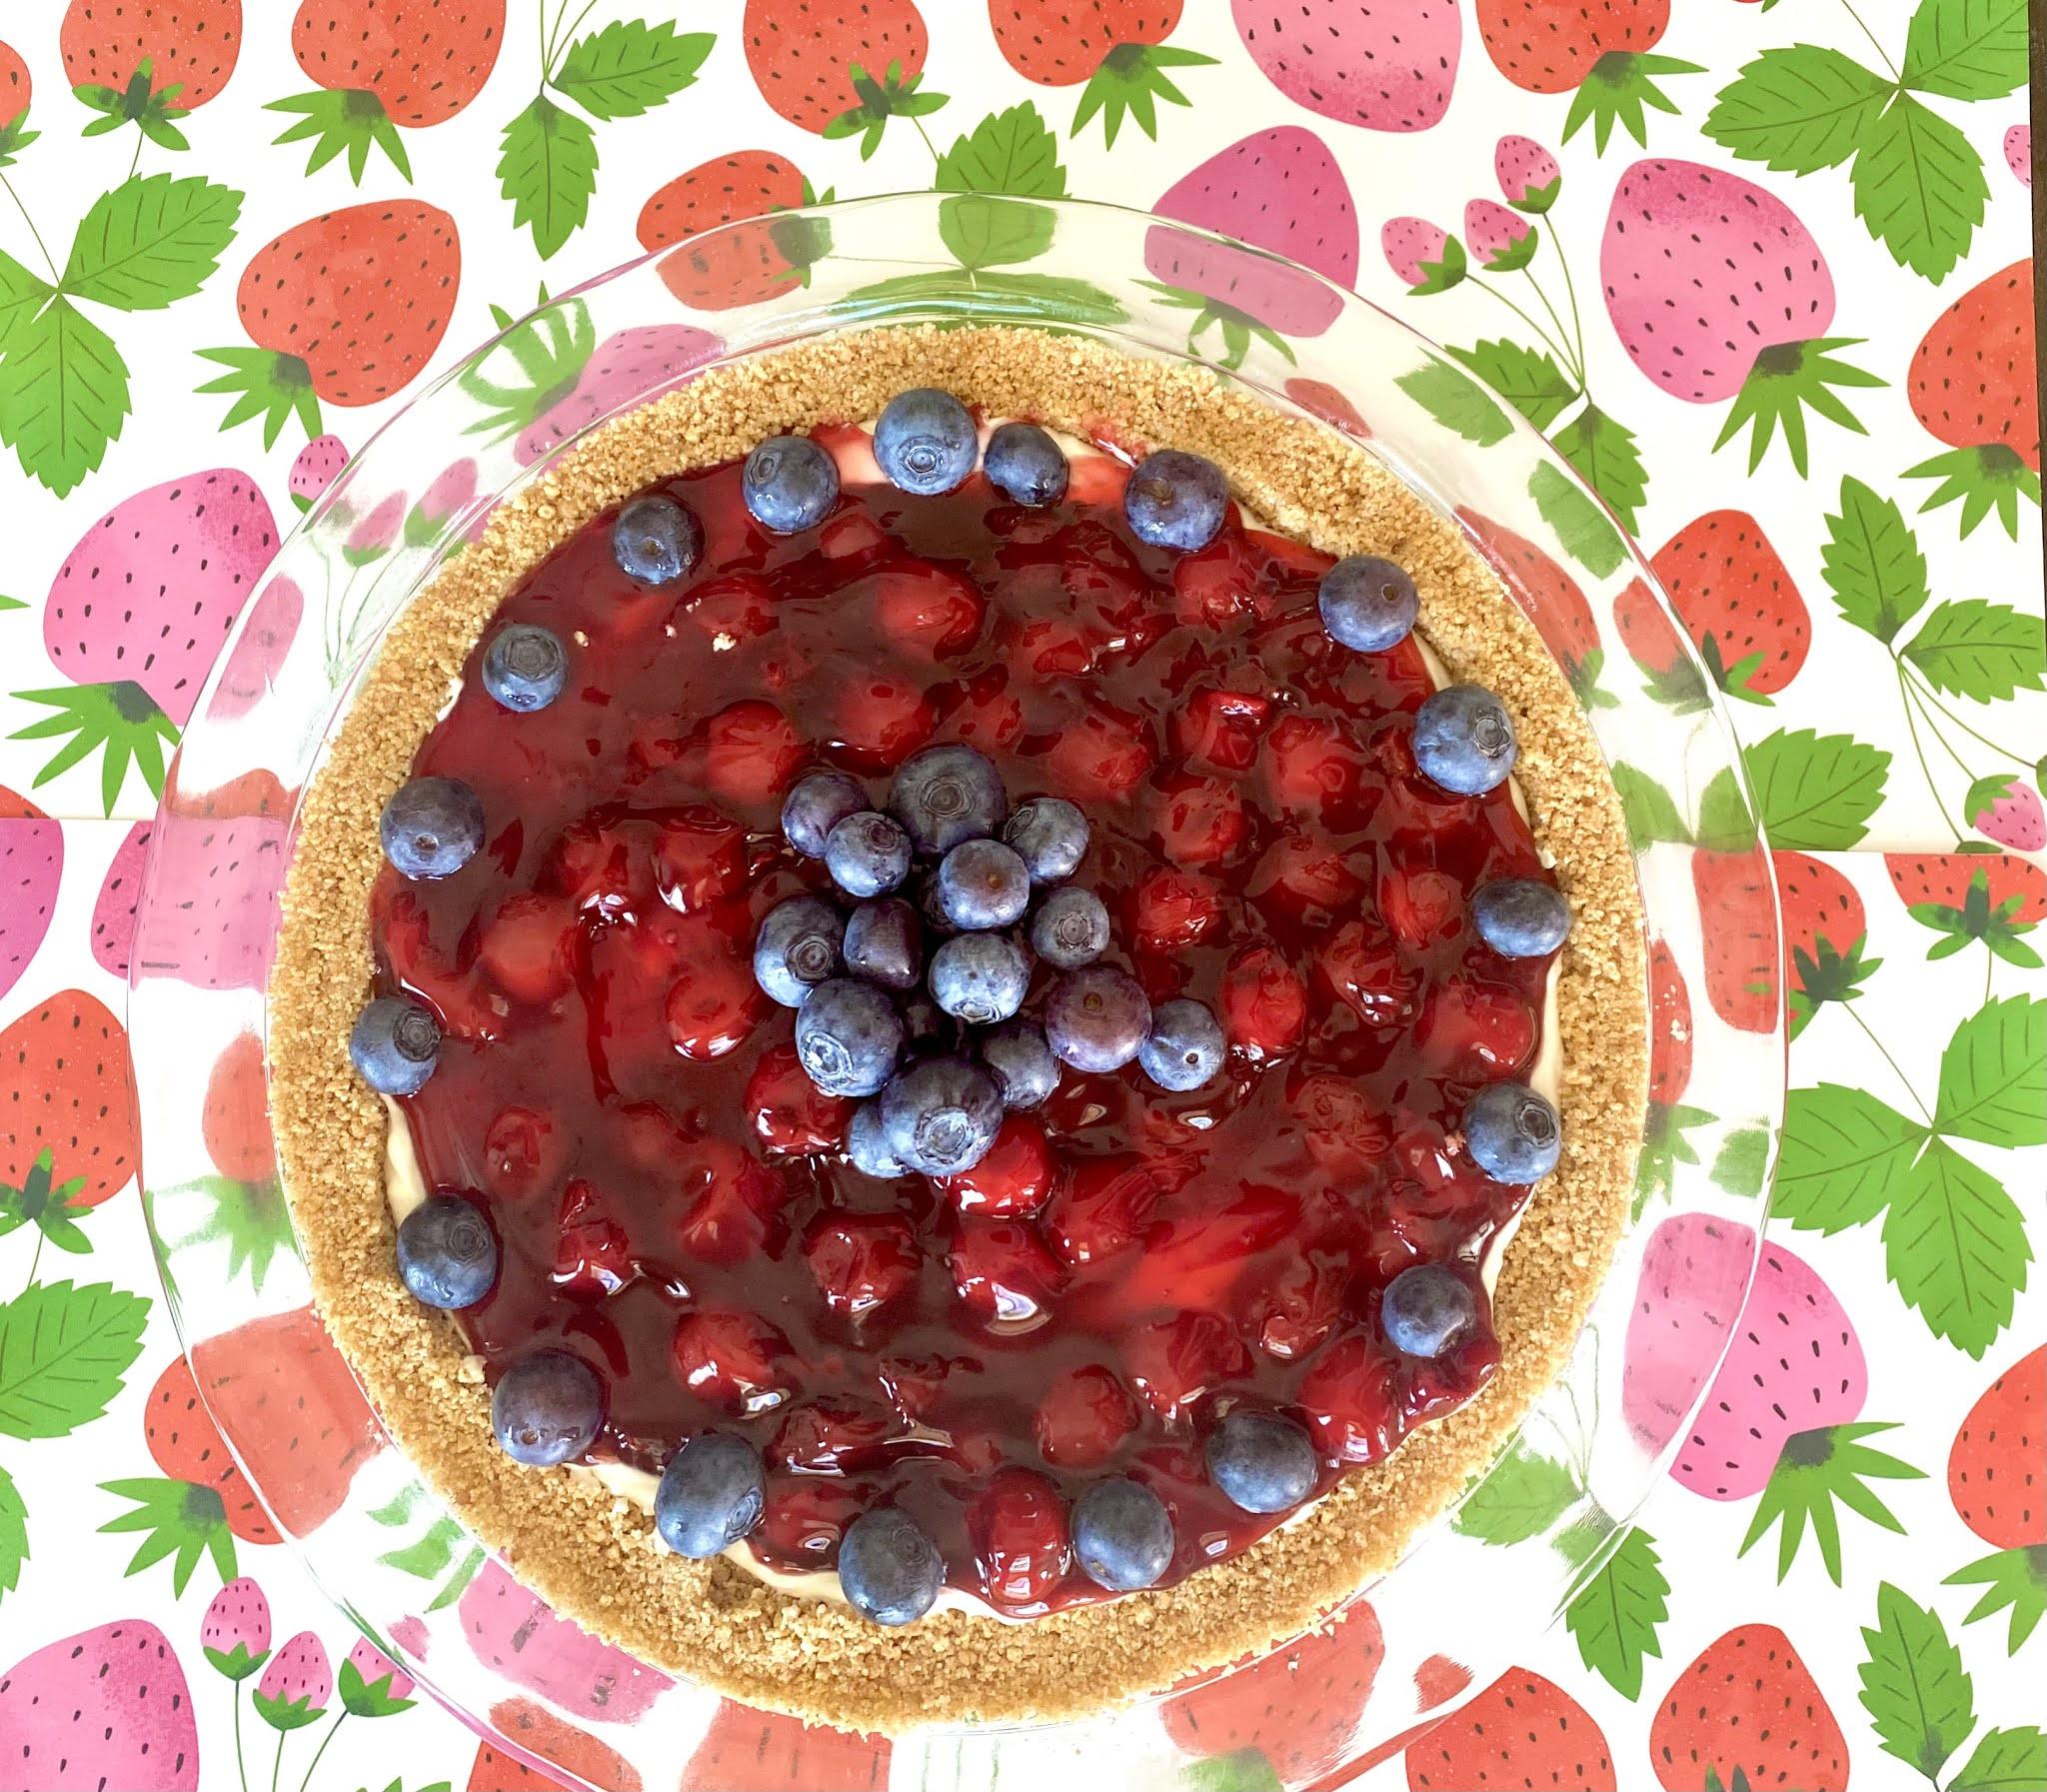 Easy No-Bake Patriotic Dessert